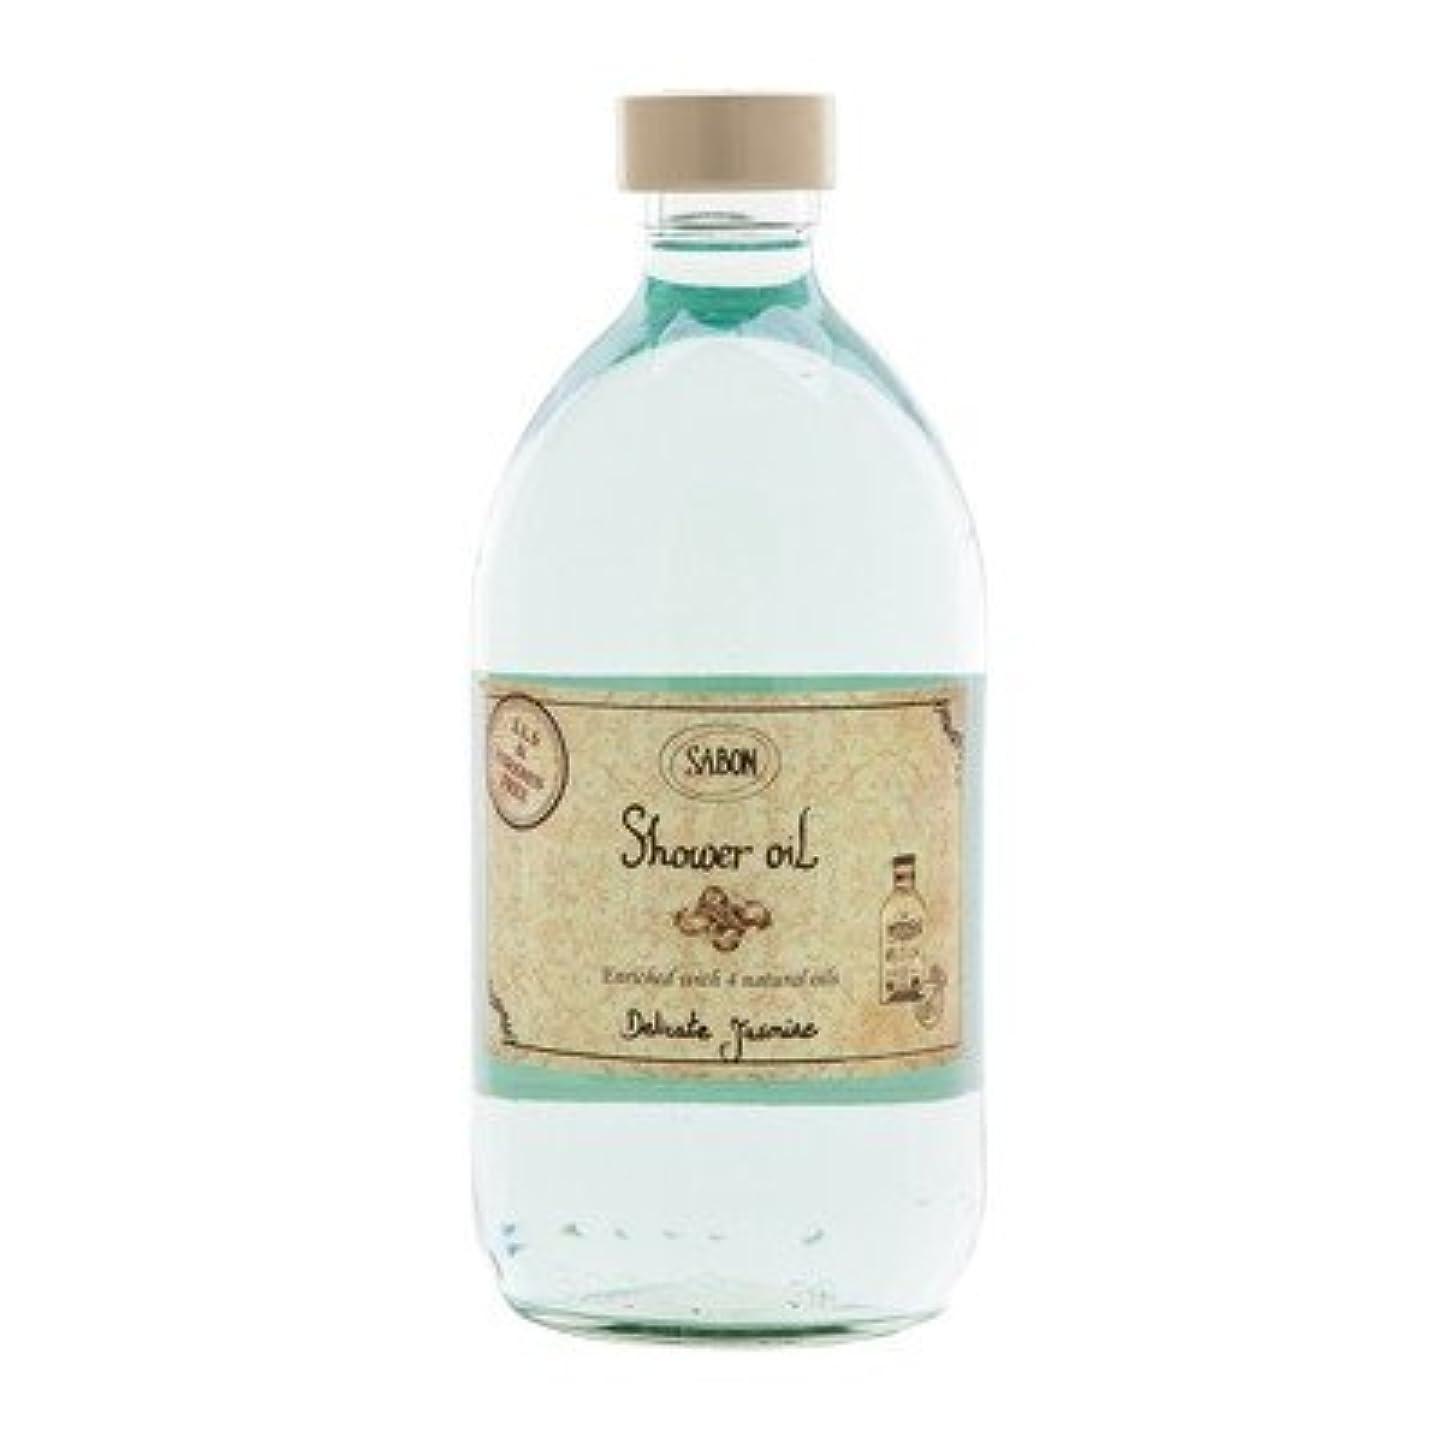 変装湿原指導するサボン シャワーオイル デリケートジャスミン (ポンプ付) 500ml